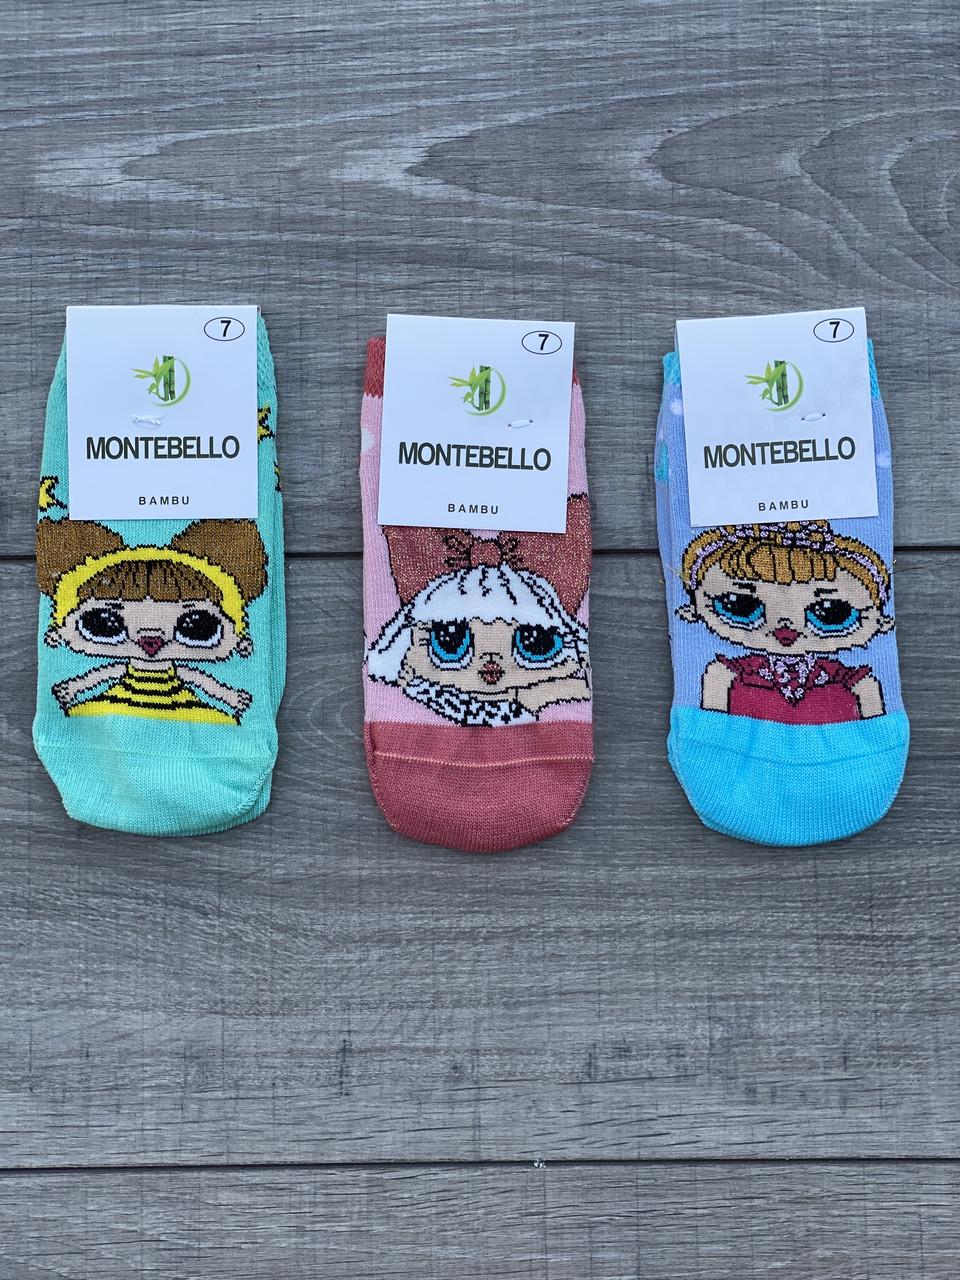 Дитячі бамбукові шкарпетки Montebello для дівчаток ляльки ЛОЛ 1,3,5,7 років 12 шт в уп мікс 3х кольорів